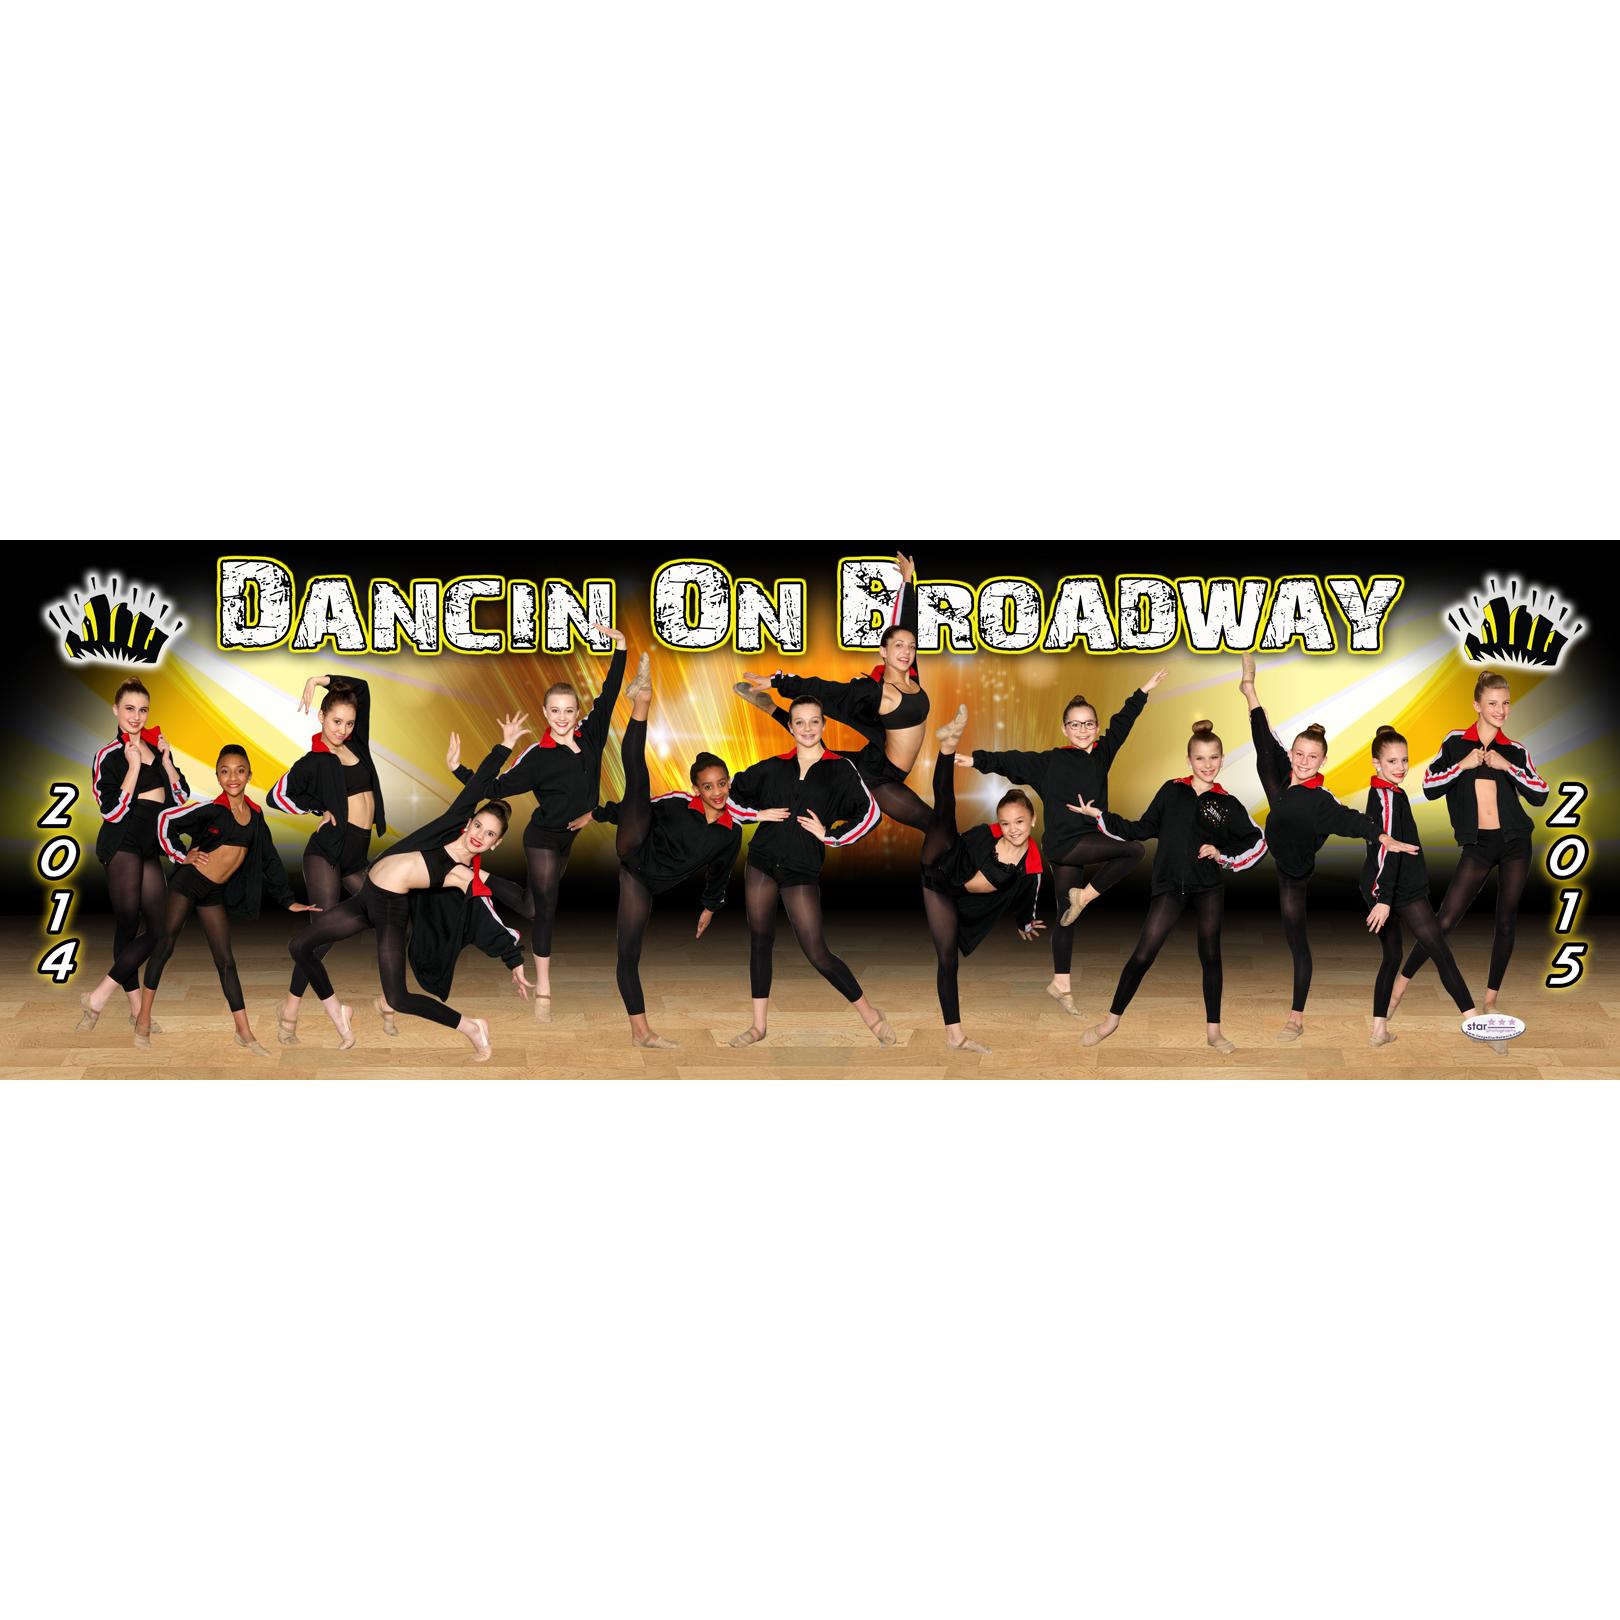 Dancin On Broadway